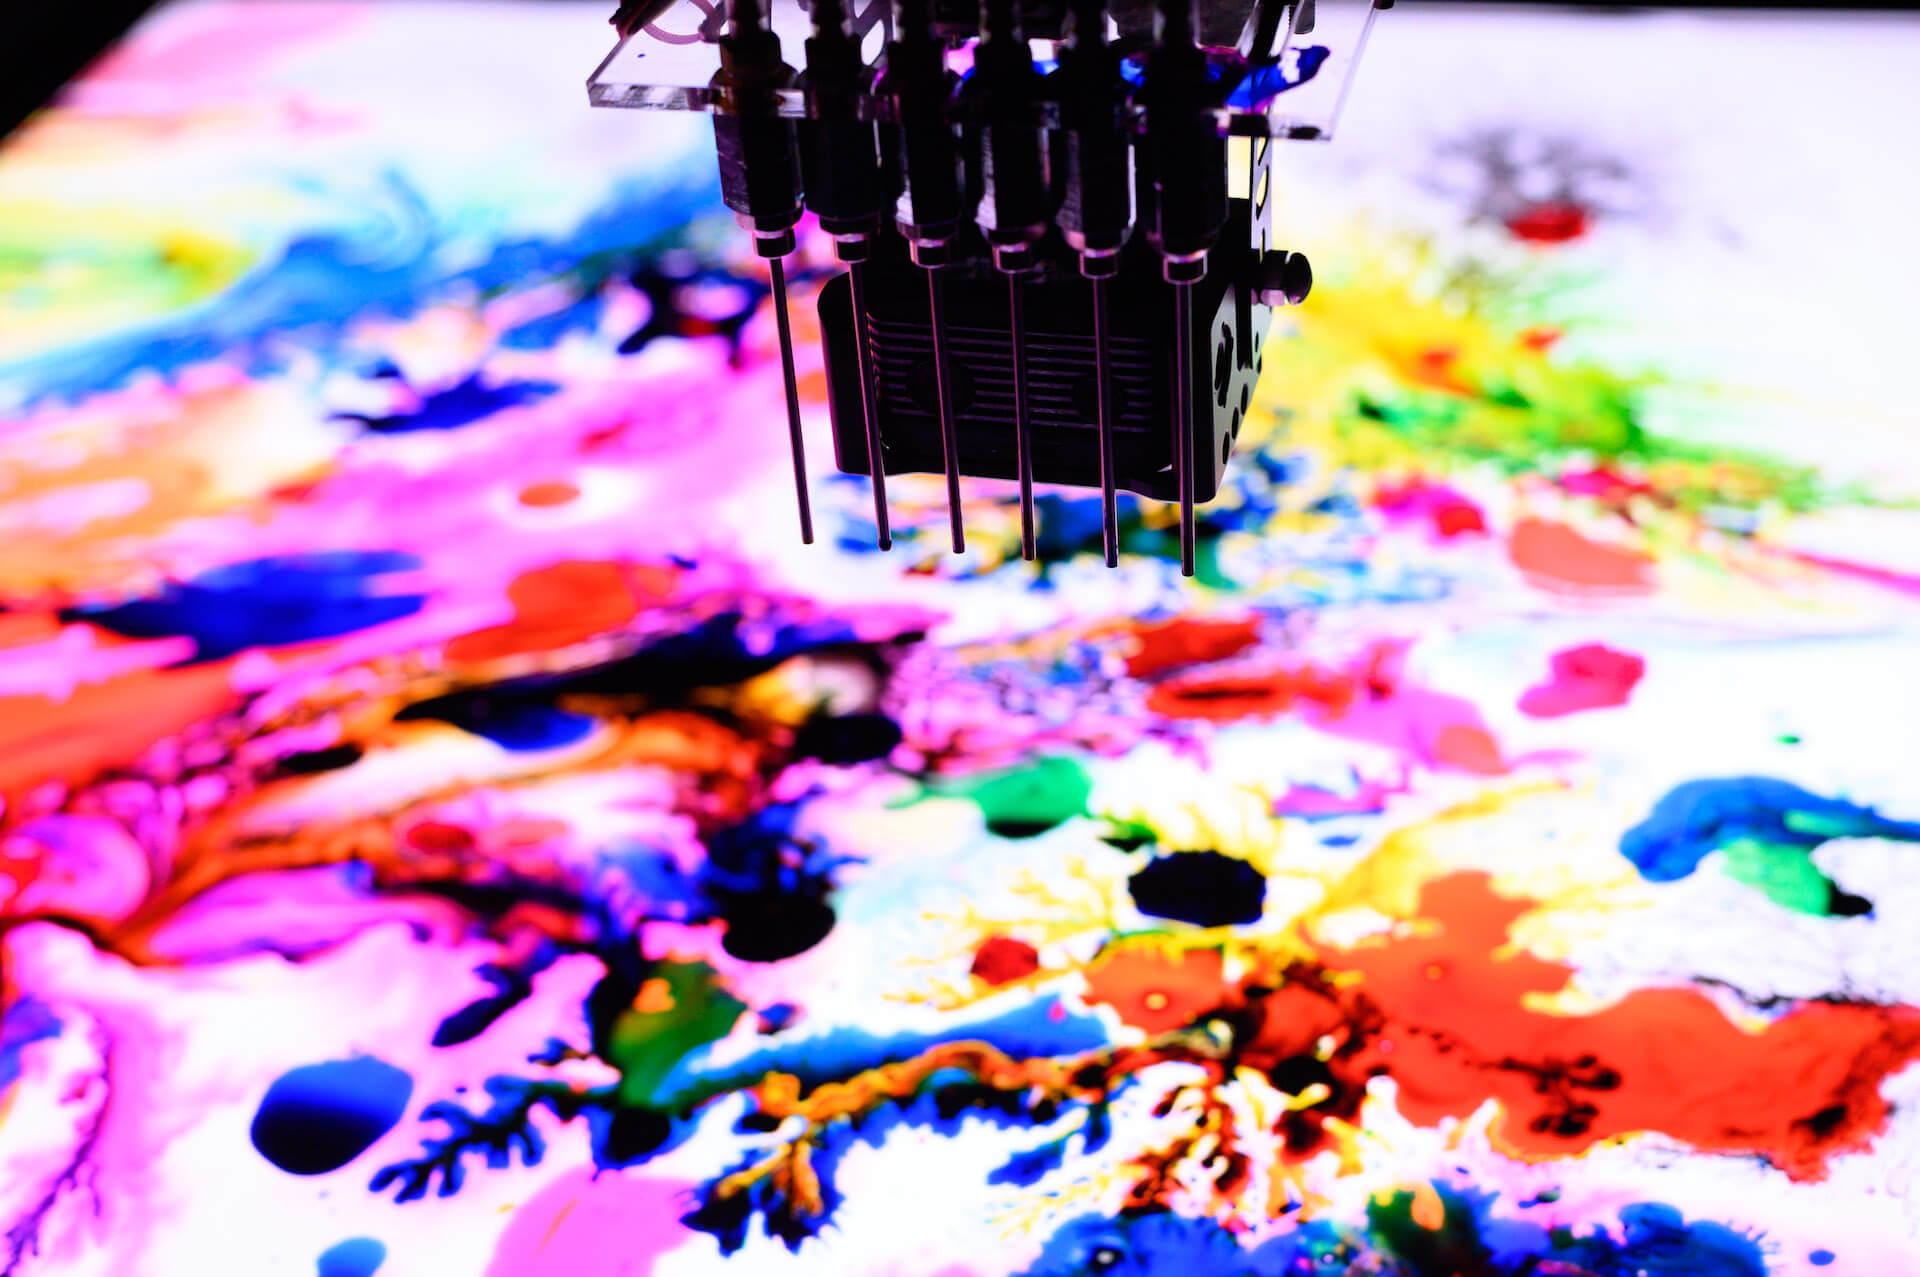 フォトレポート|Kode 9 & Koji Morimotoらが登場した電子音楽&デジタルアートの祭典「MUTEK.JP 2019」 music191219-mutek2019-9